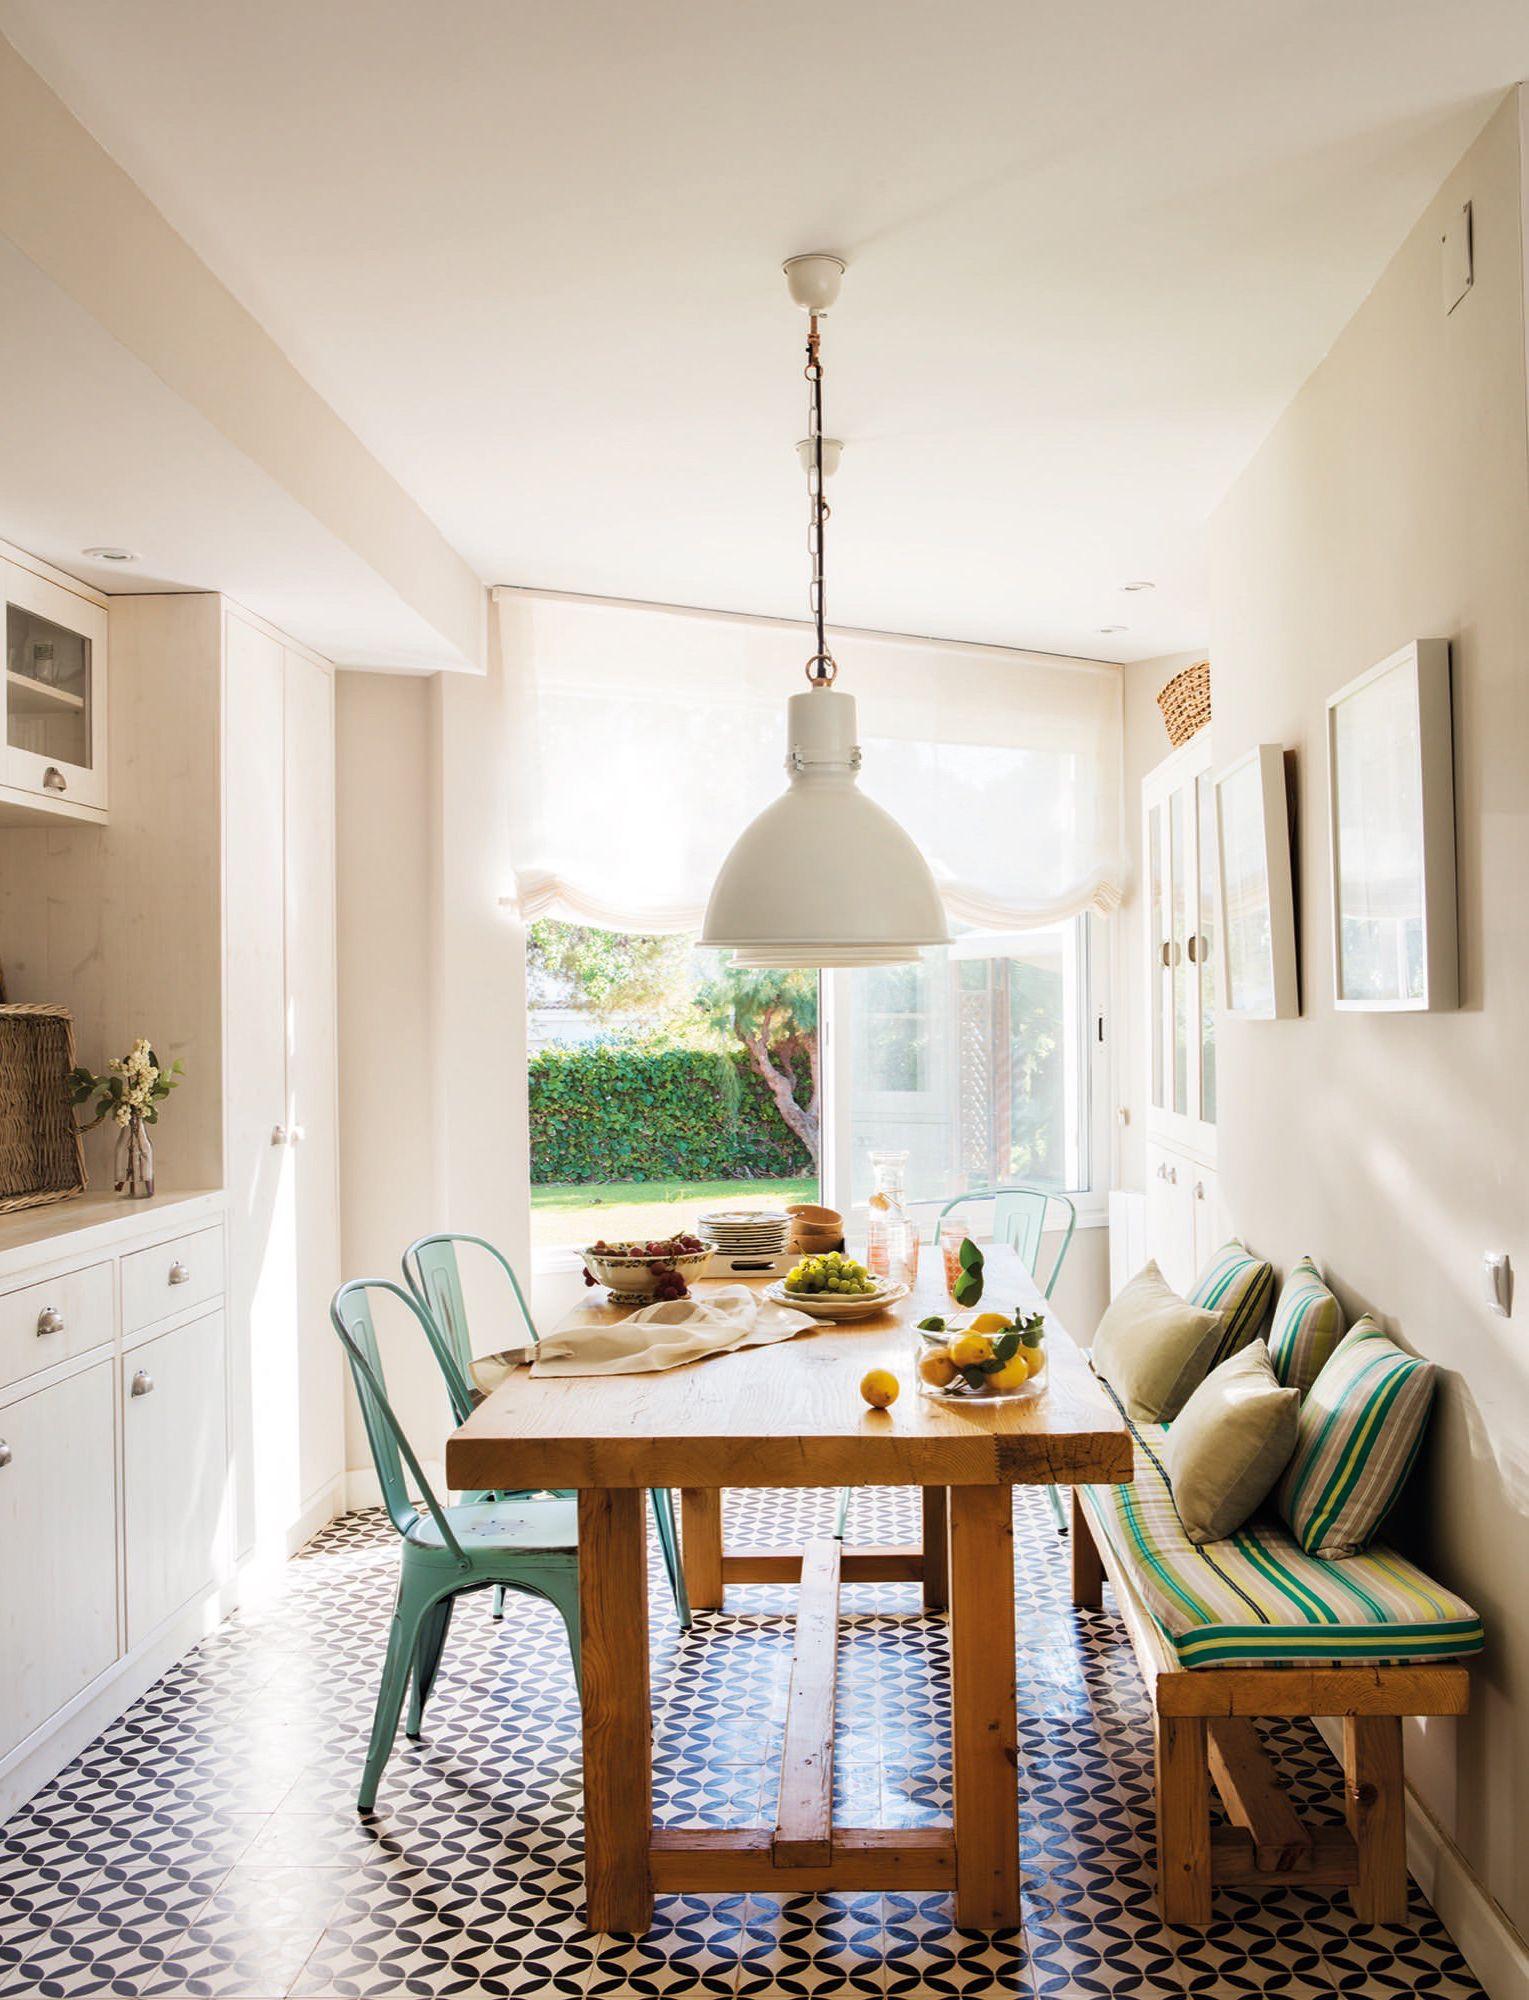 cocina banco en lugar de sillas mesa rustica   Kitchens, Decorating ...